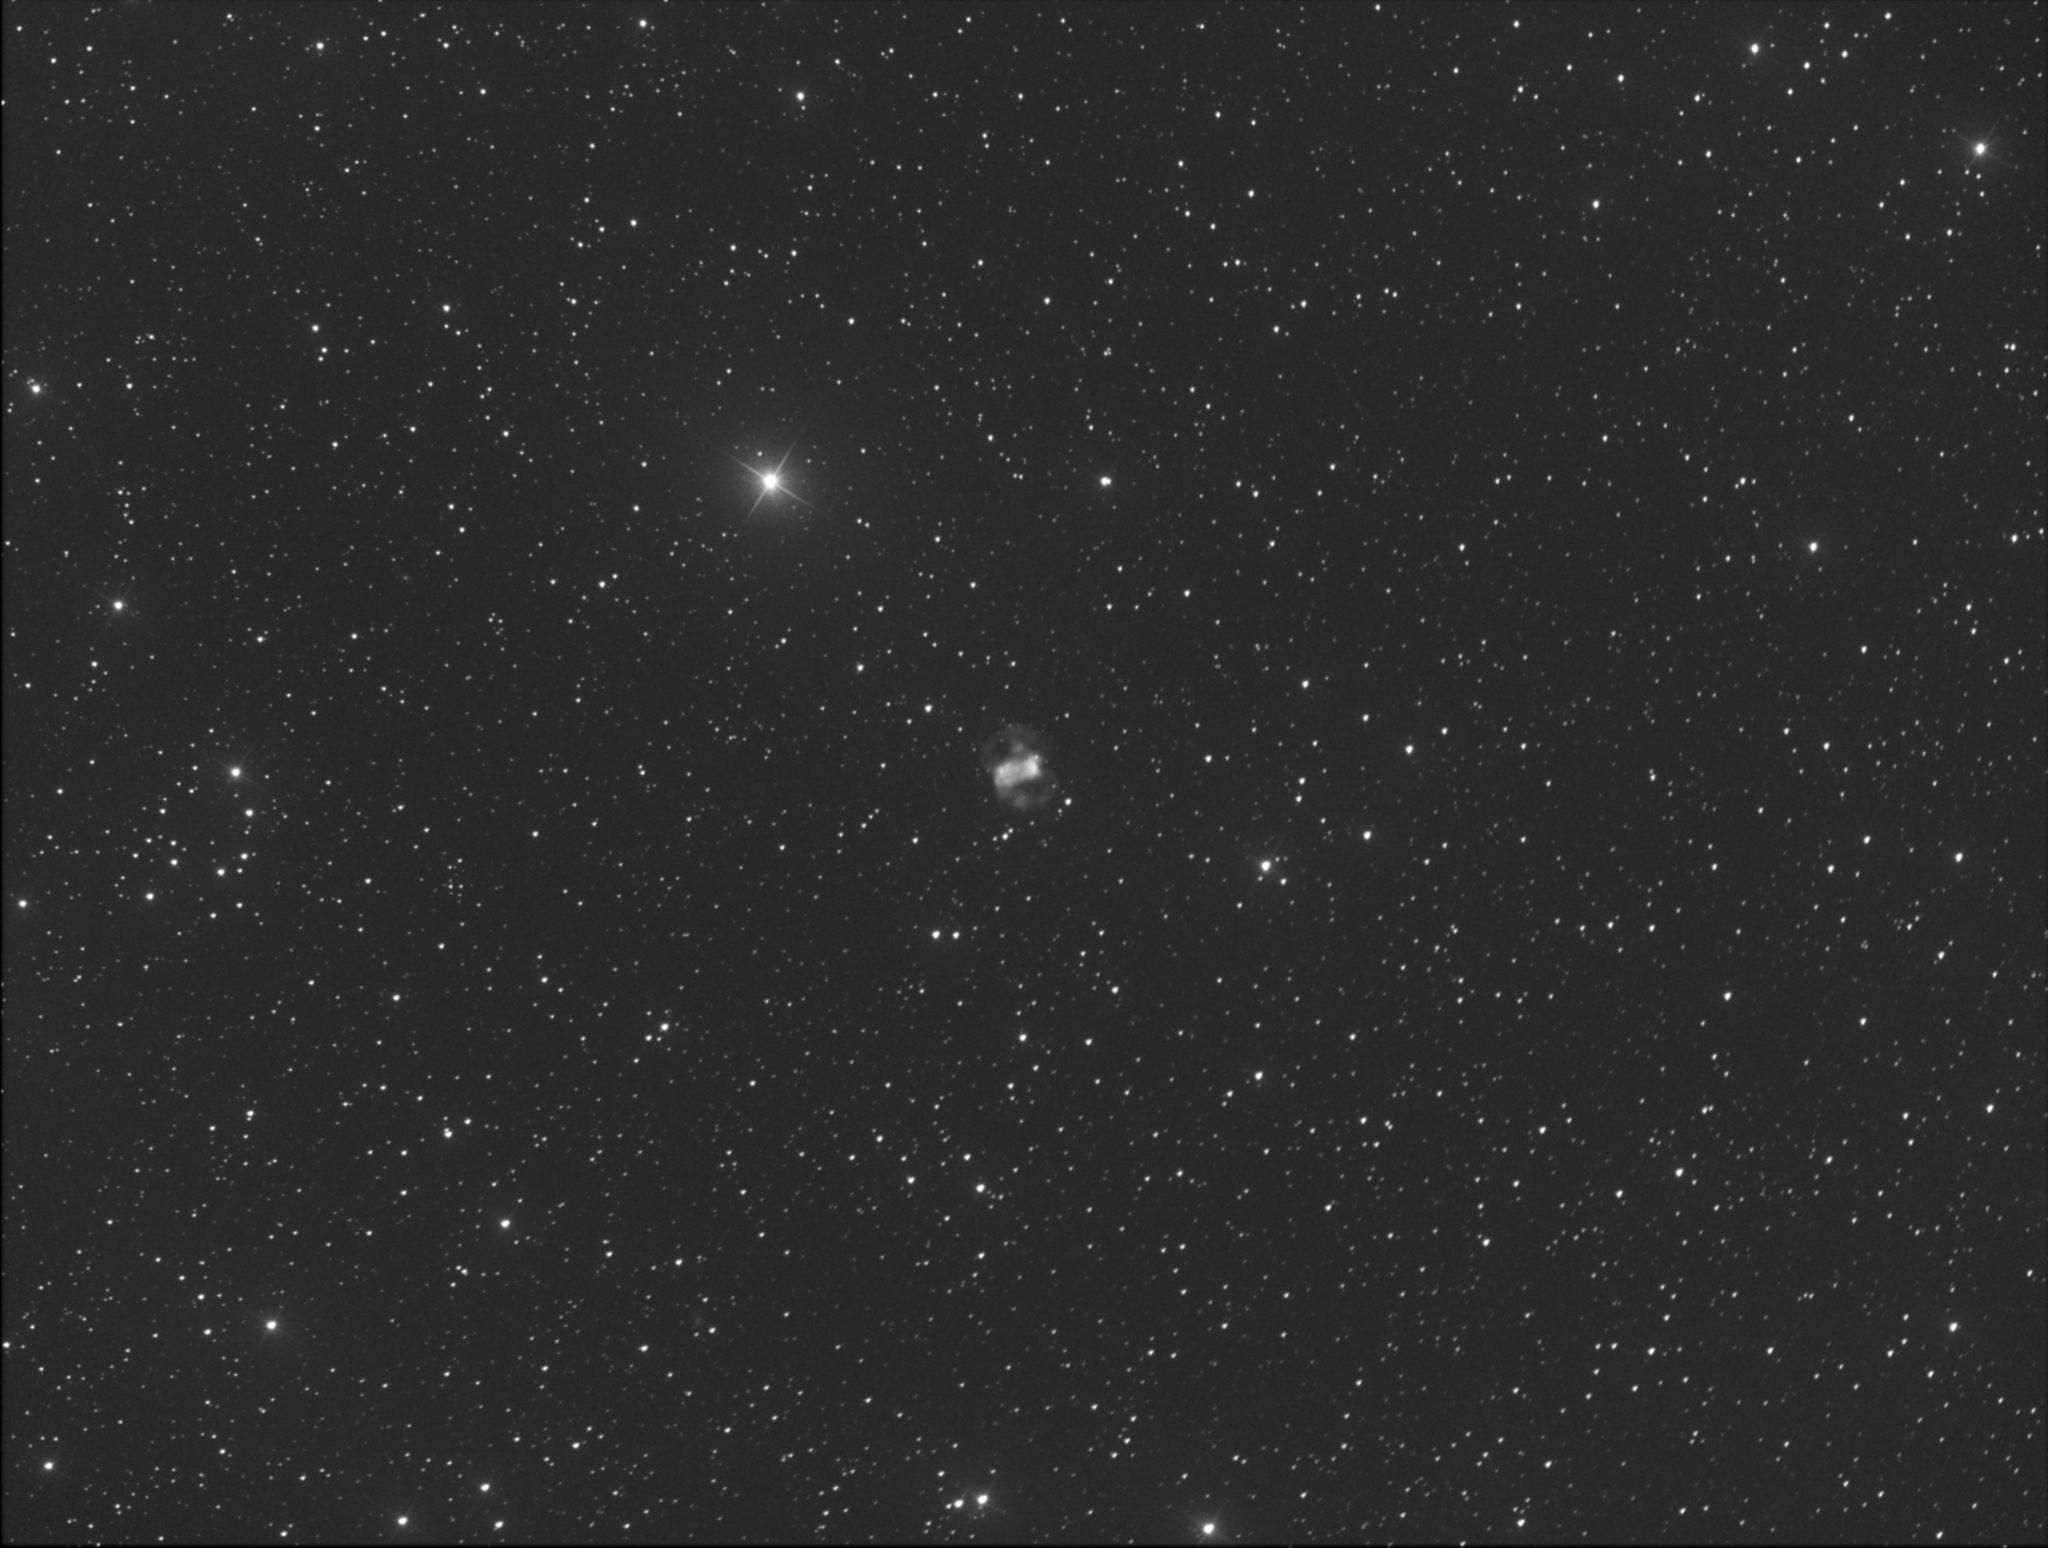 Messier 76